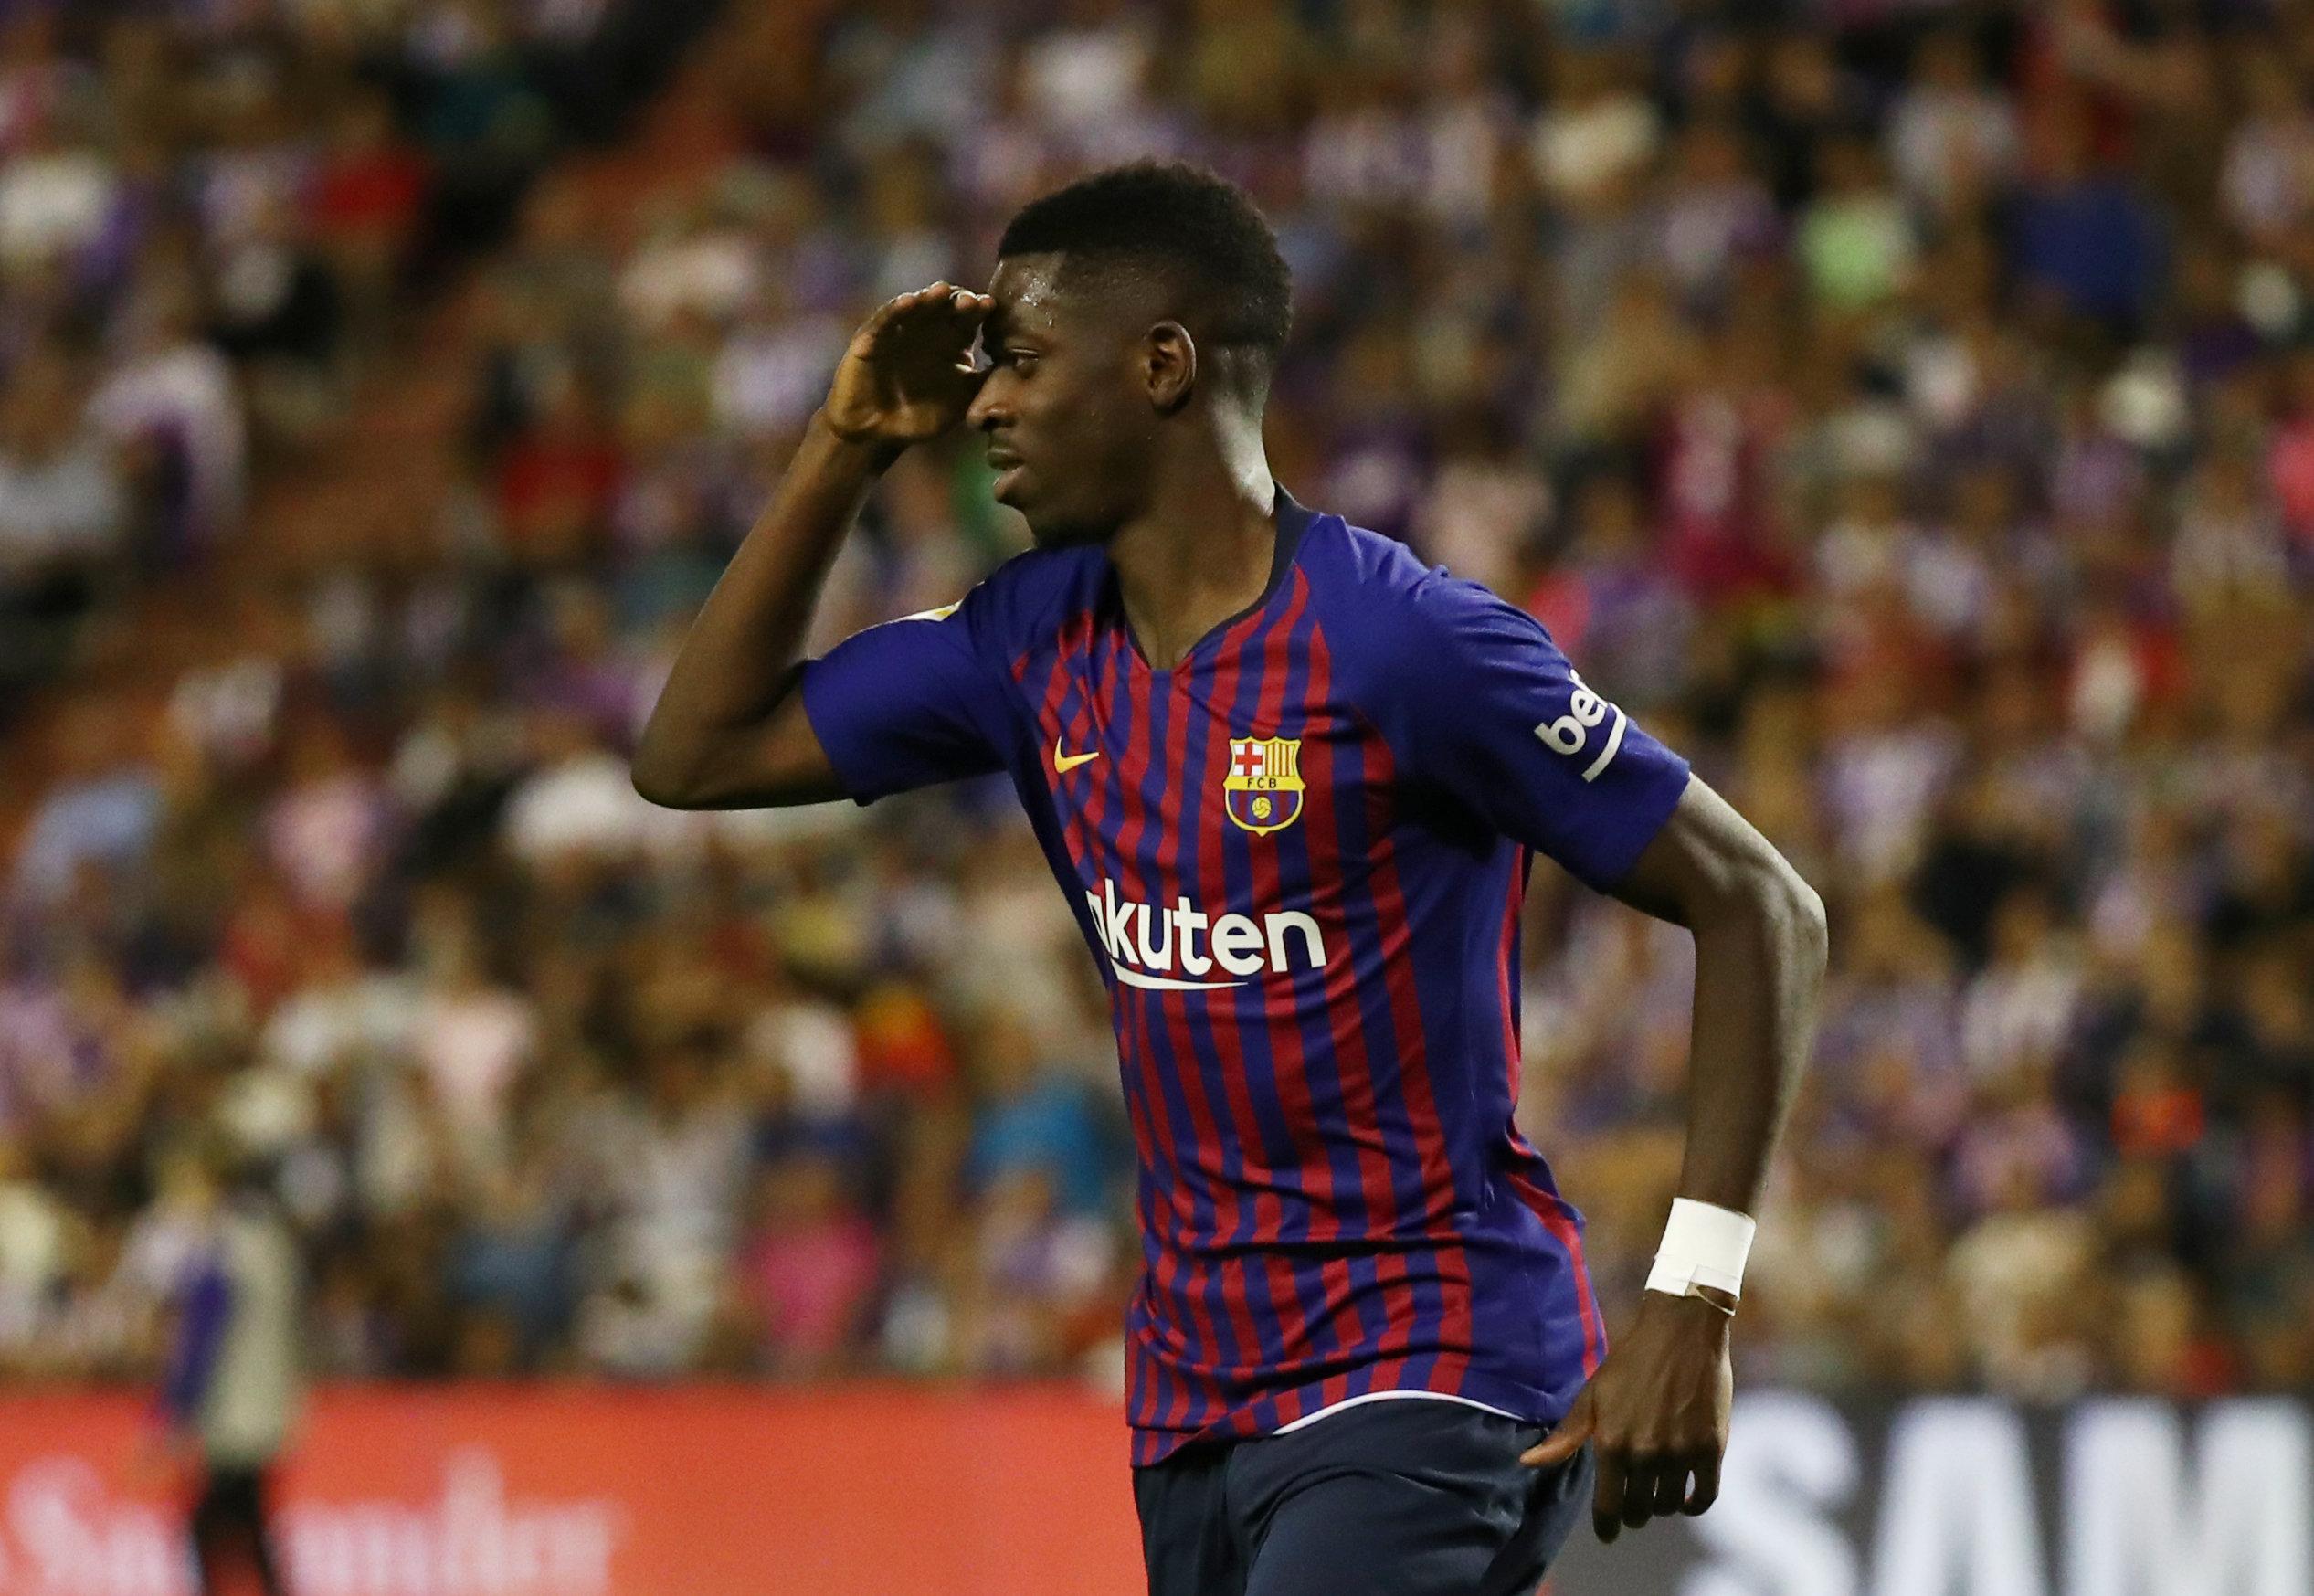 Football: Unconvincing Barcelona scrape past Valladolid